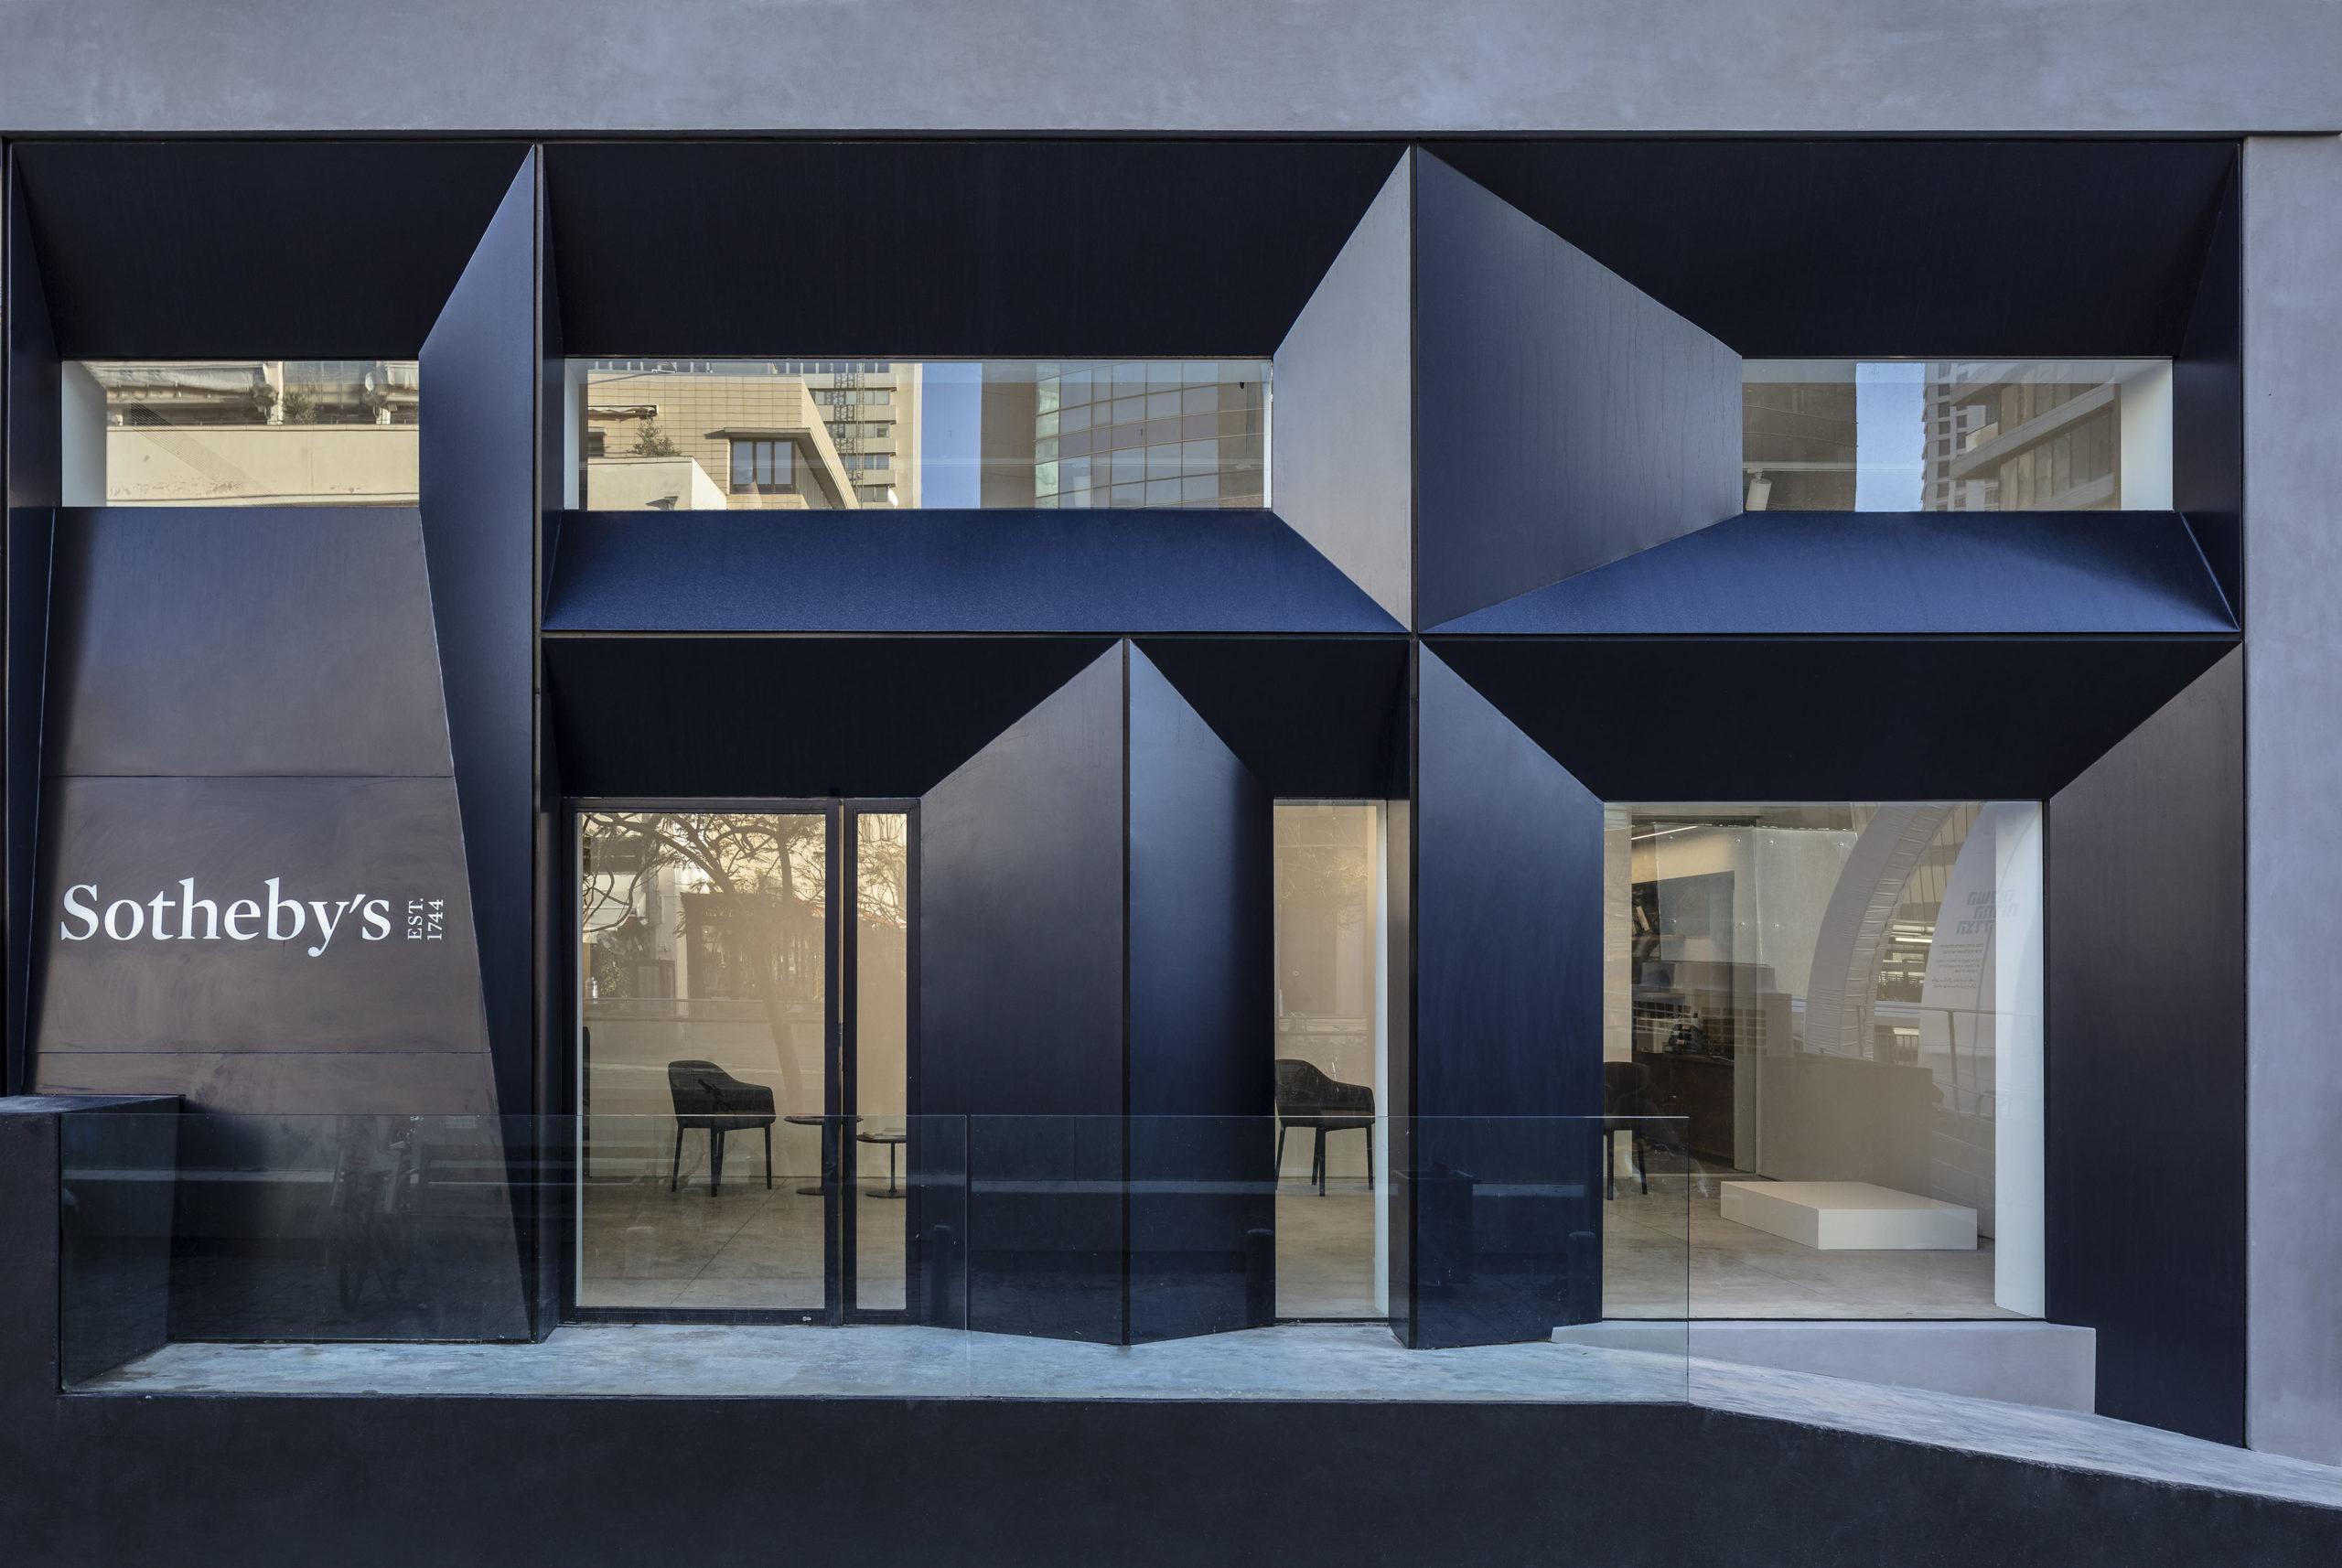 Sotheby's Gallery, Tel Aviv